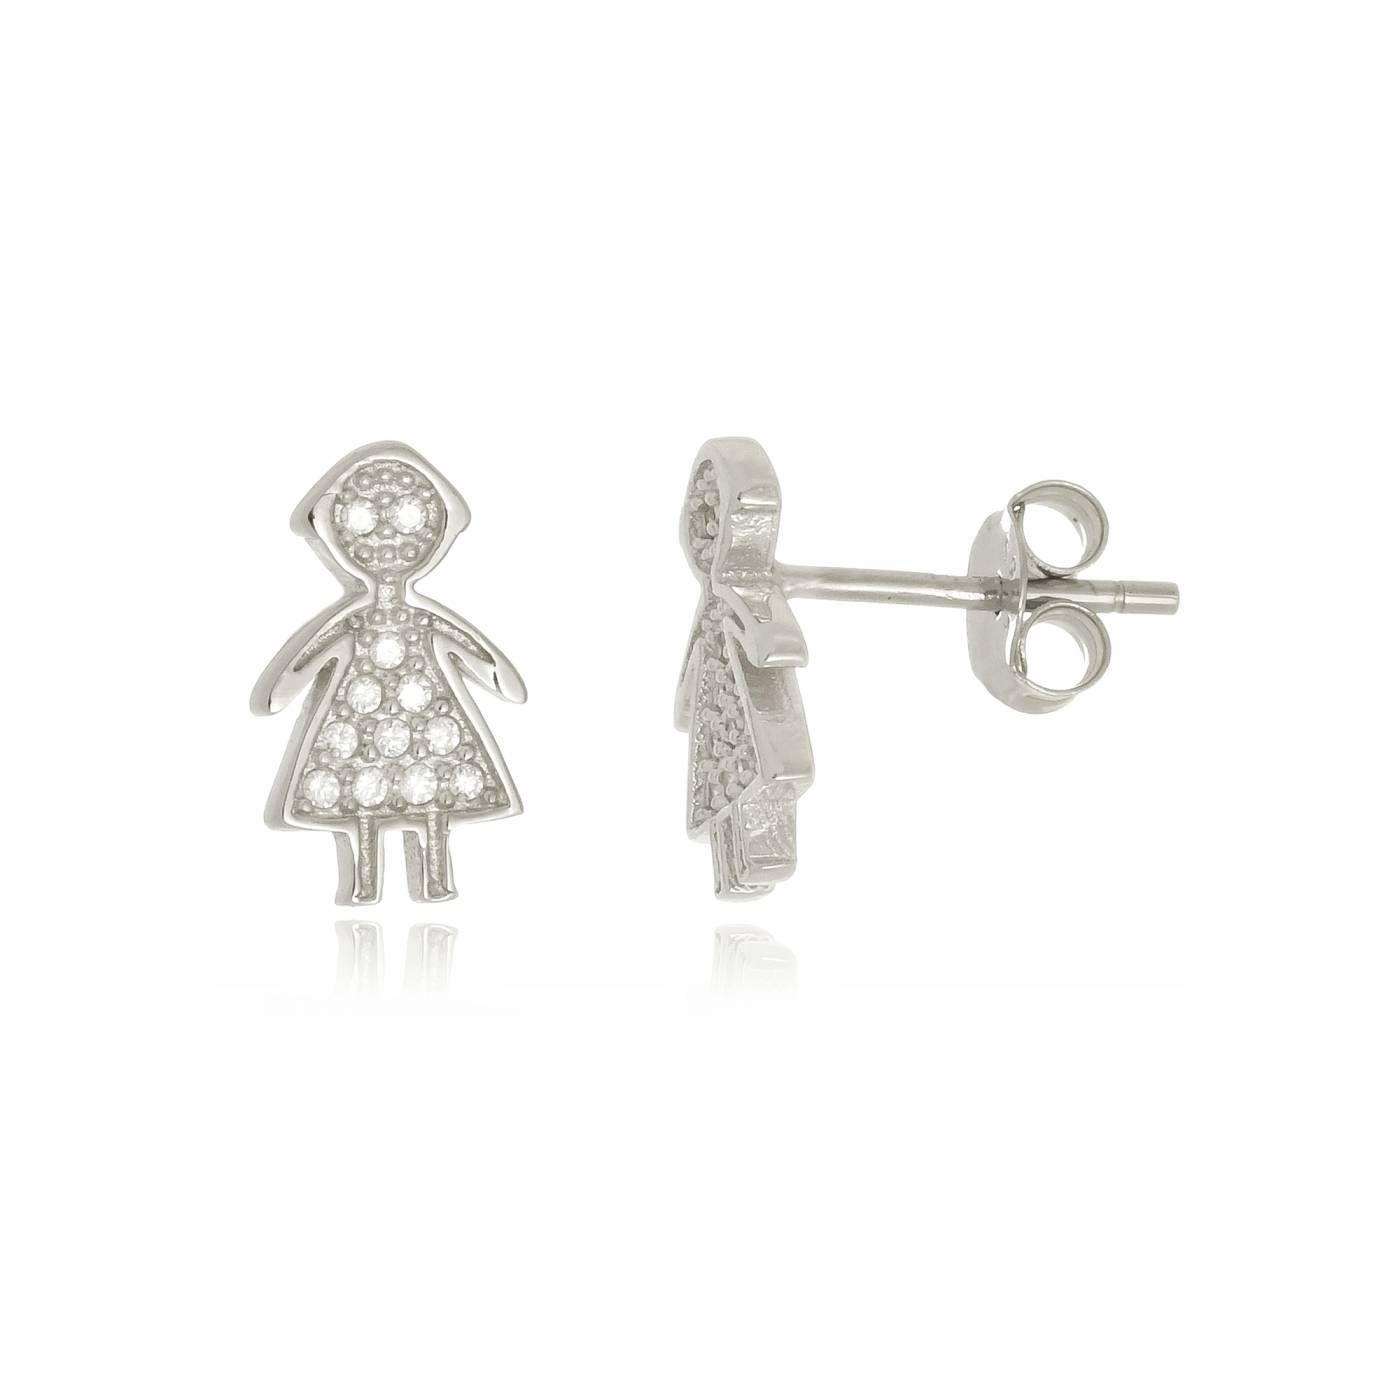 Brinco Menina com Mini Zircônias em Prata 925